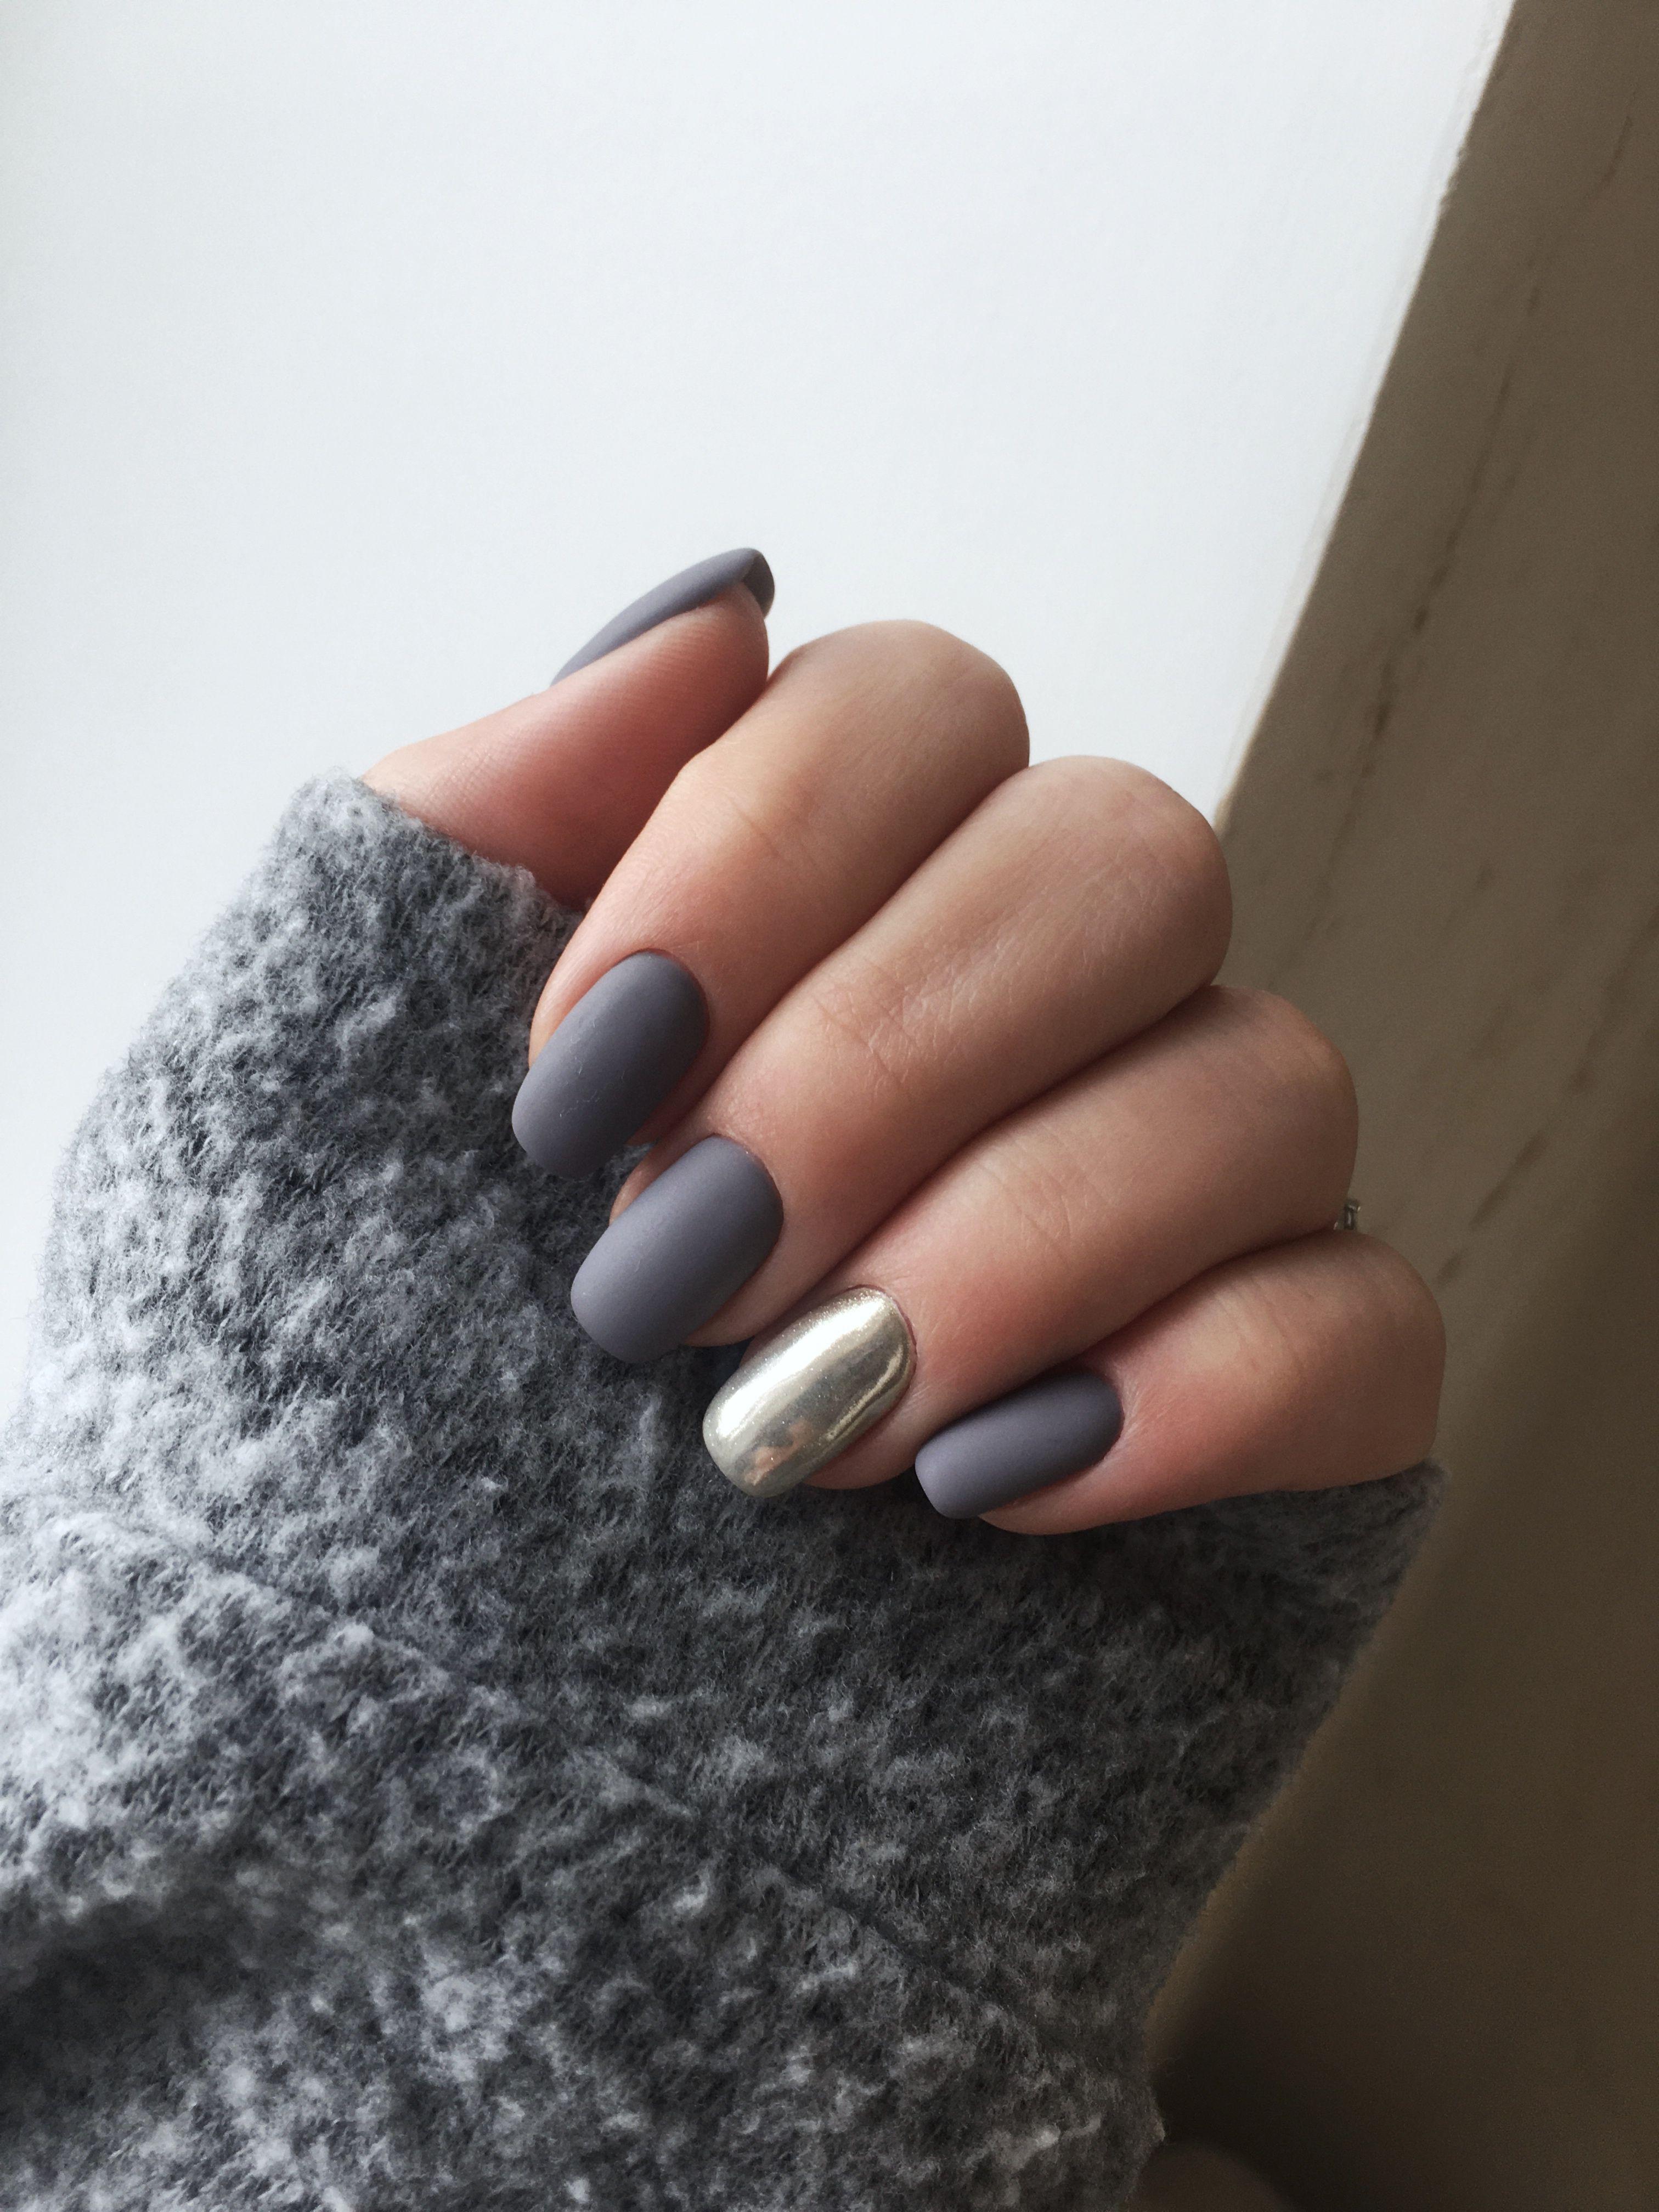 Неактуальные тренды ногтевого дизайна на 2020 год: Матовое покрытие